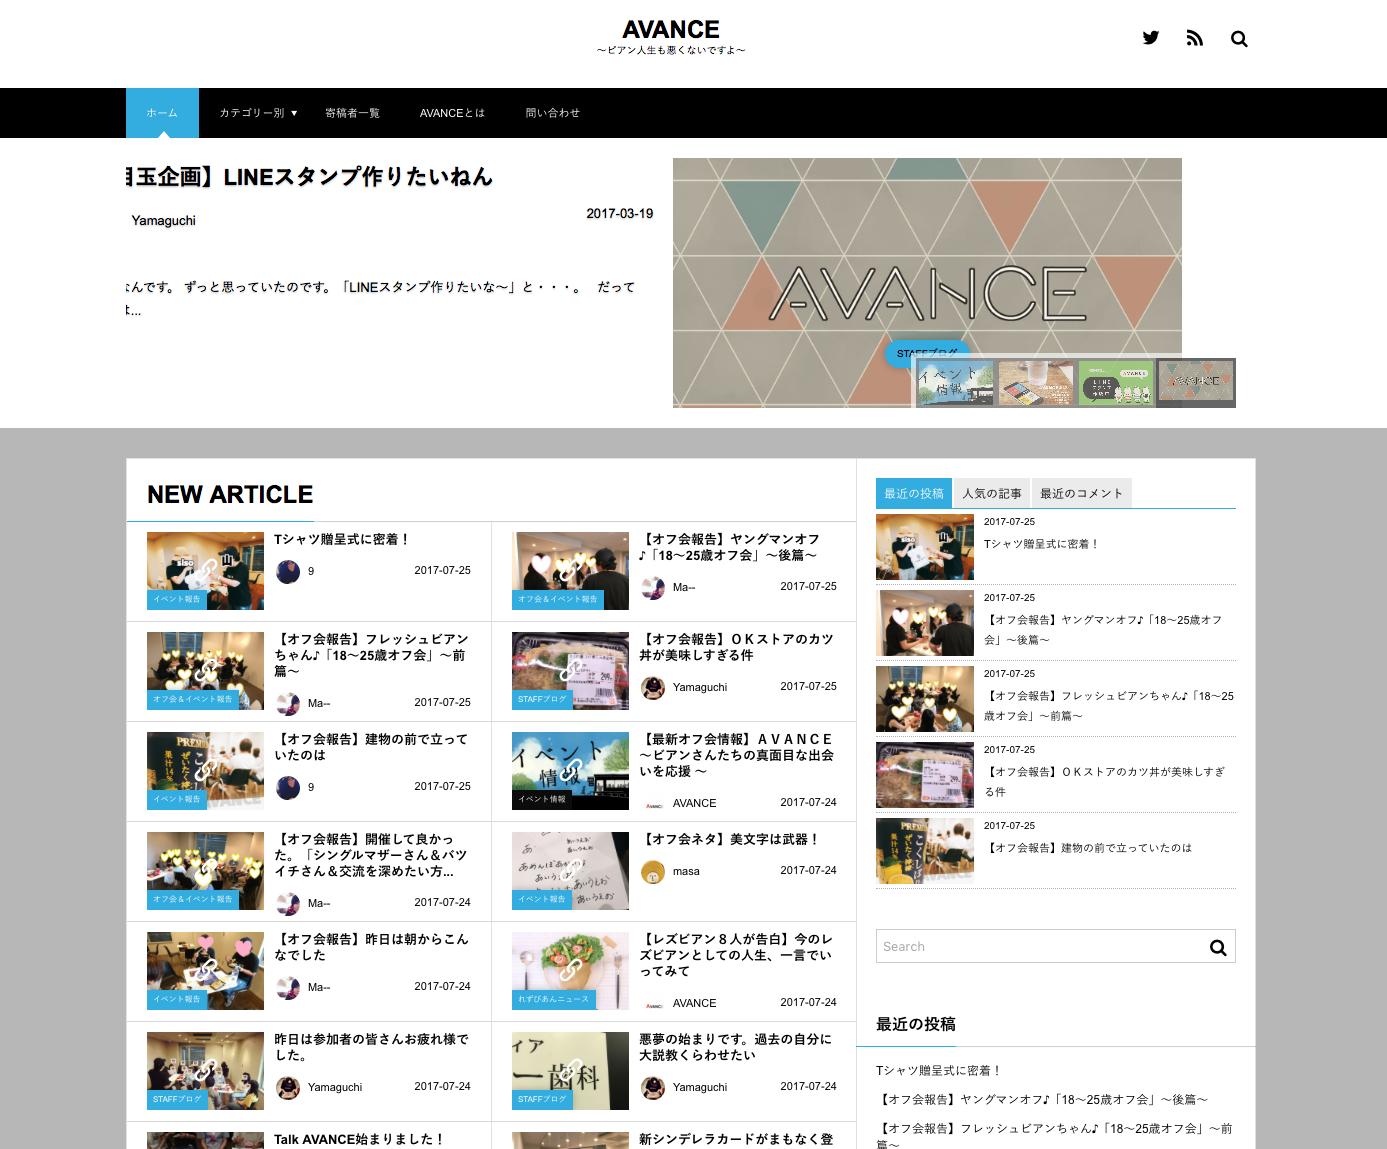 ブログ読者 1週間で2500人突破!!